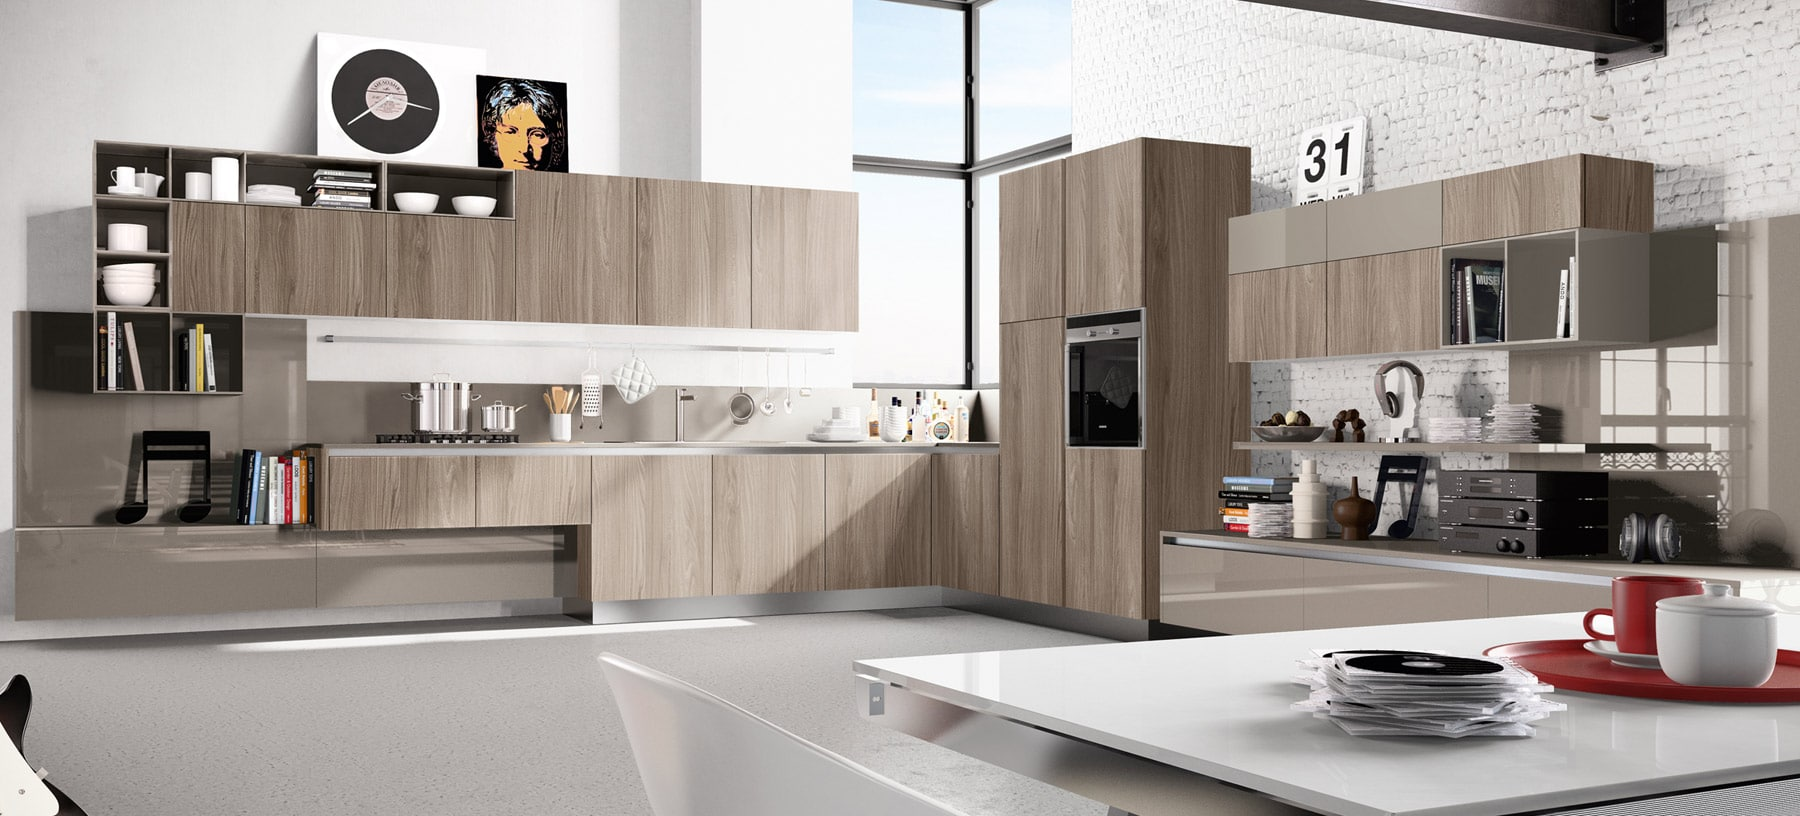 Dise o de moderna cocina en madera natural construye hogar - Cocina moderna madera ...